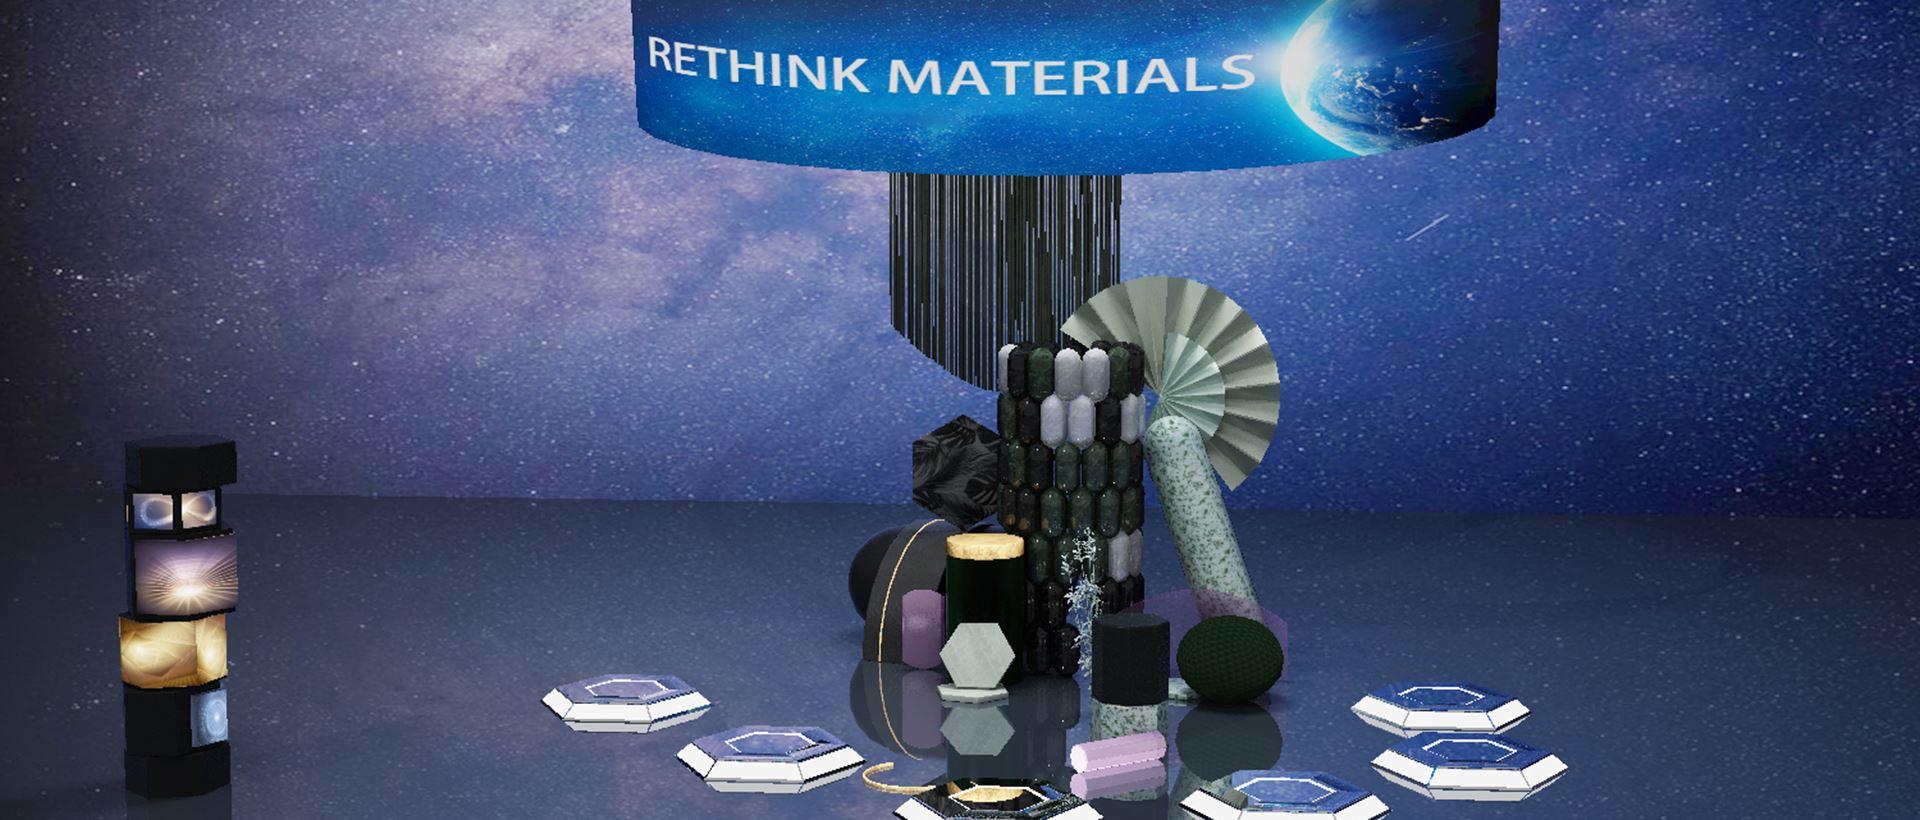 Materialien neu denken